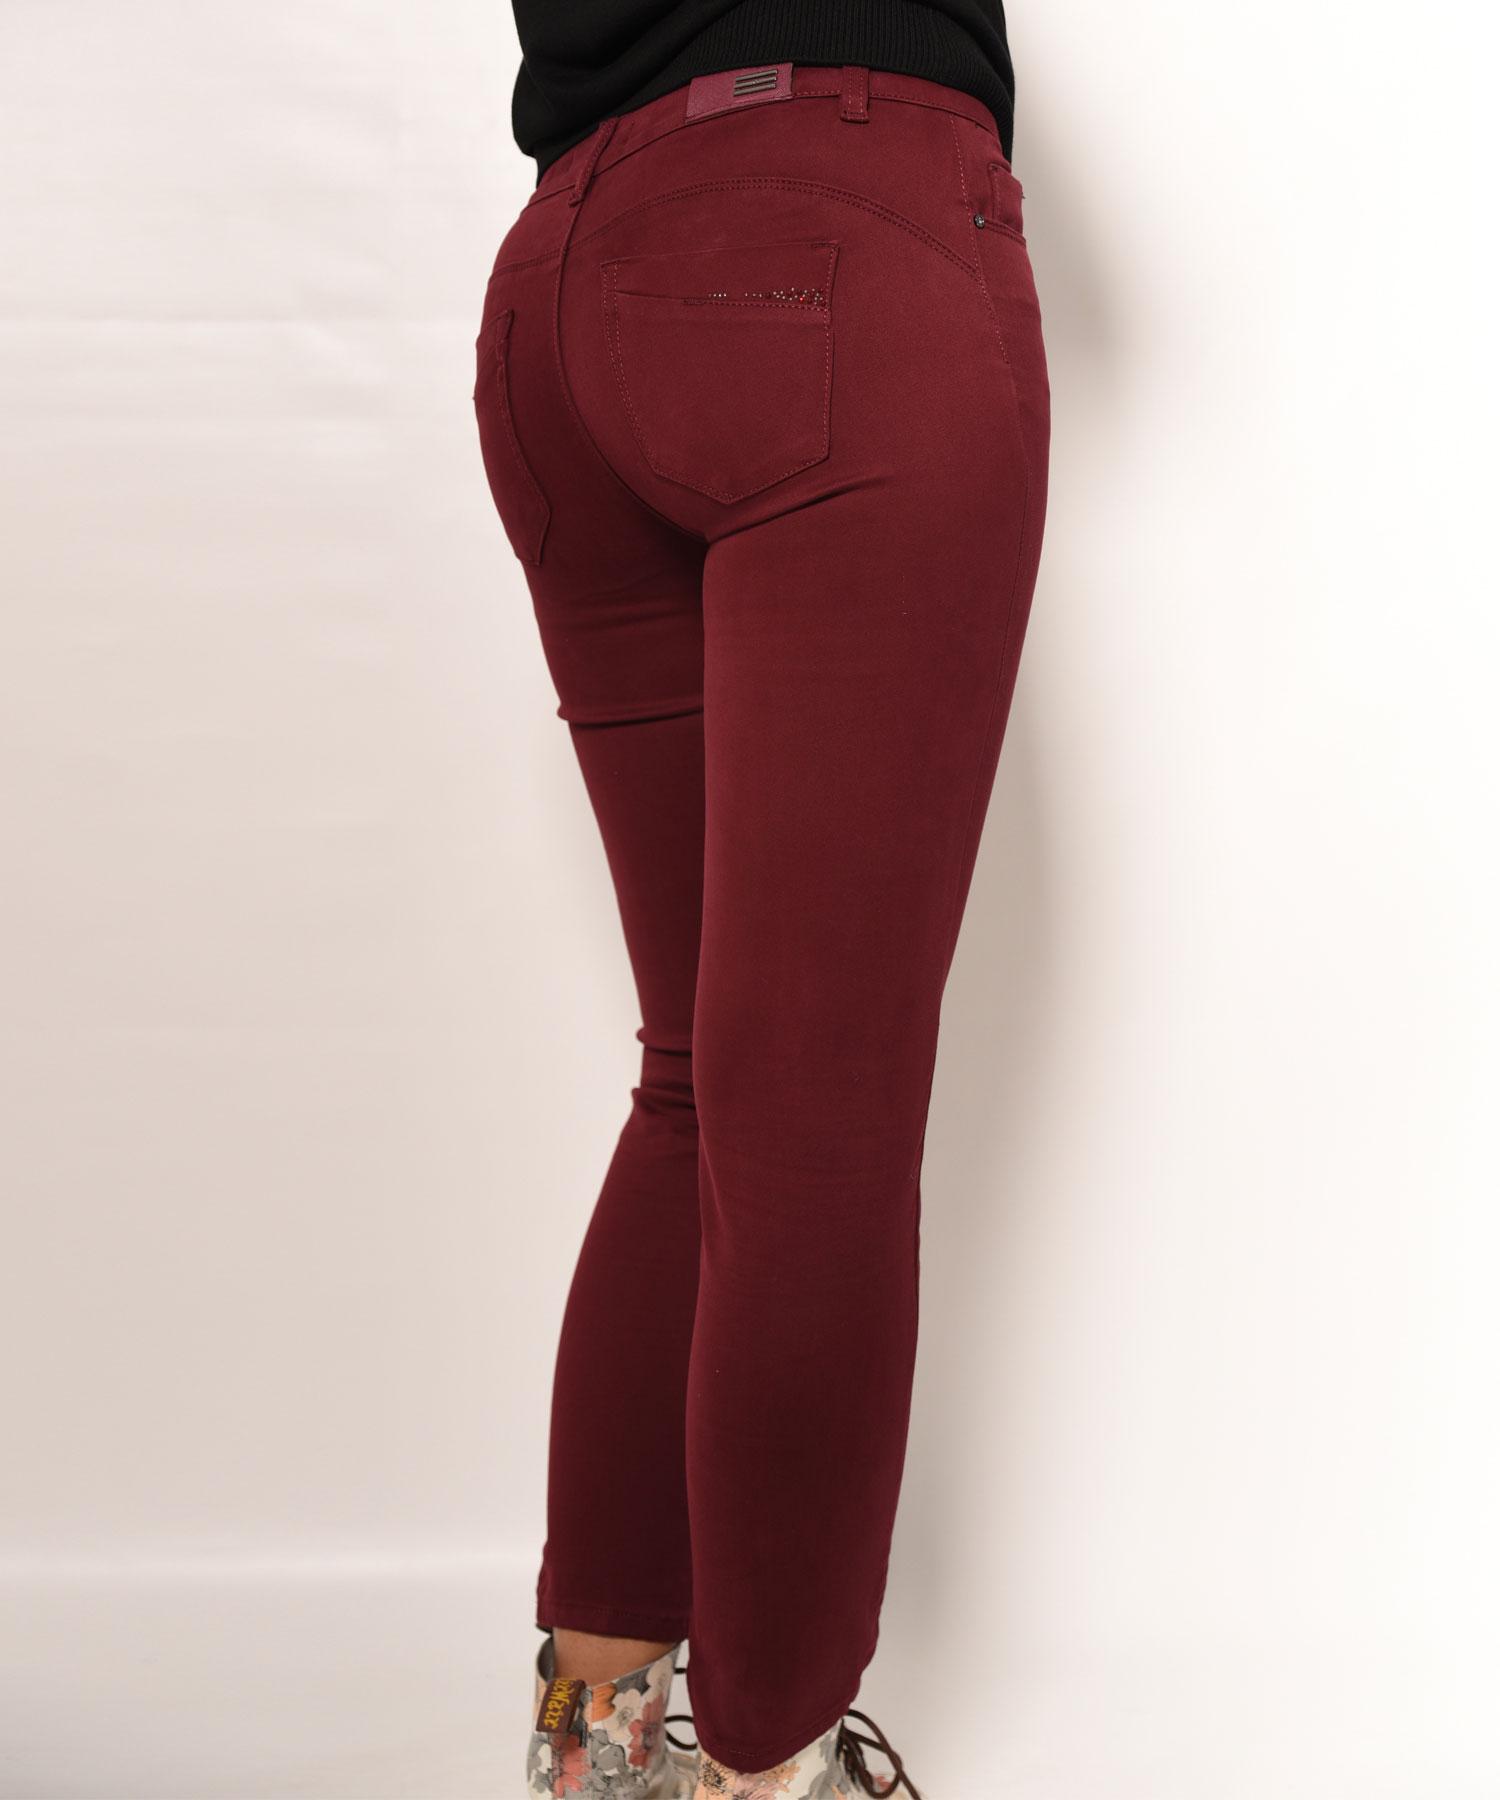 Παντελόνι πεντάτσεπο ελαστικό